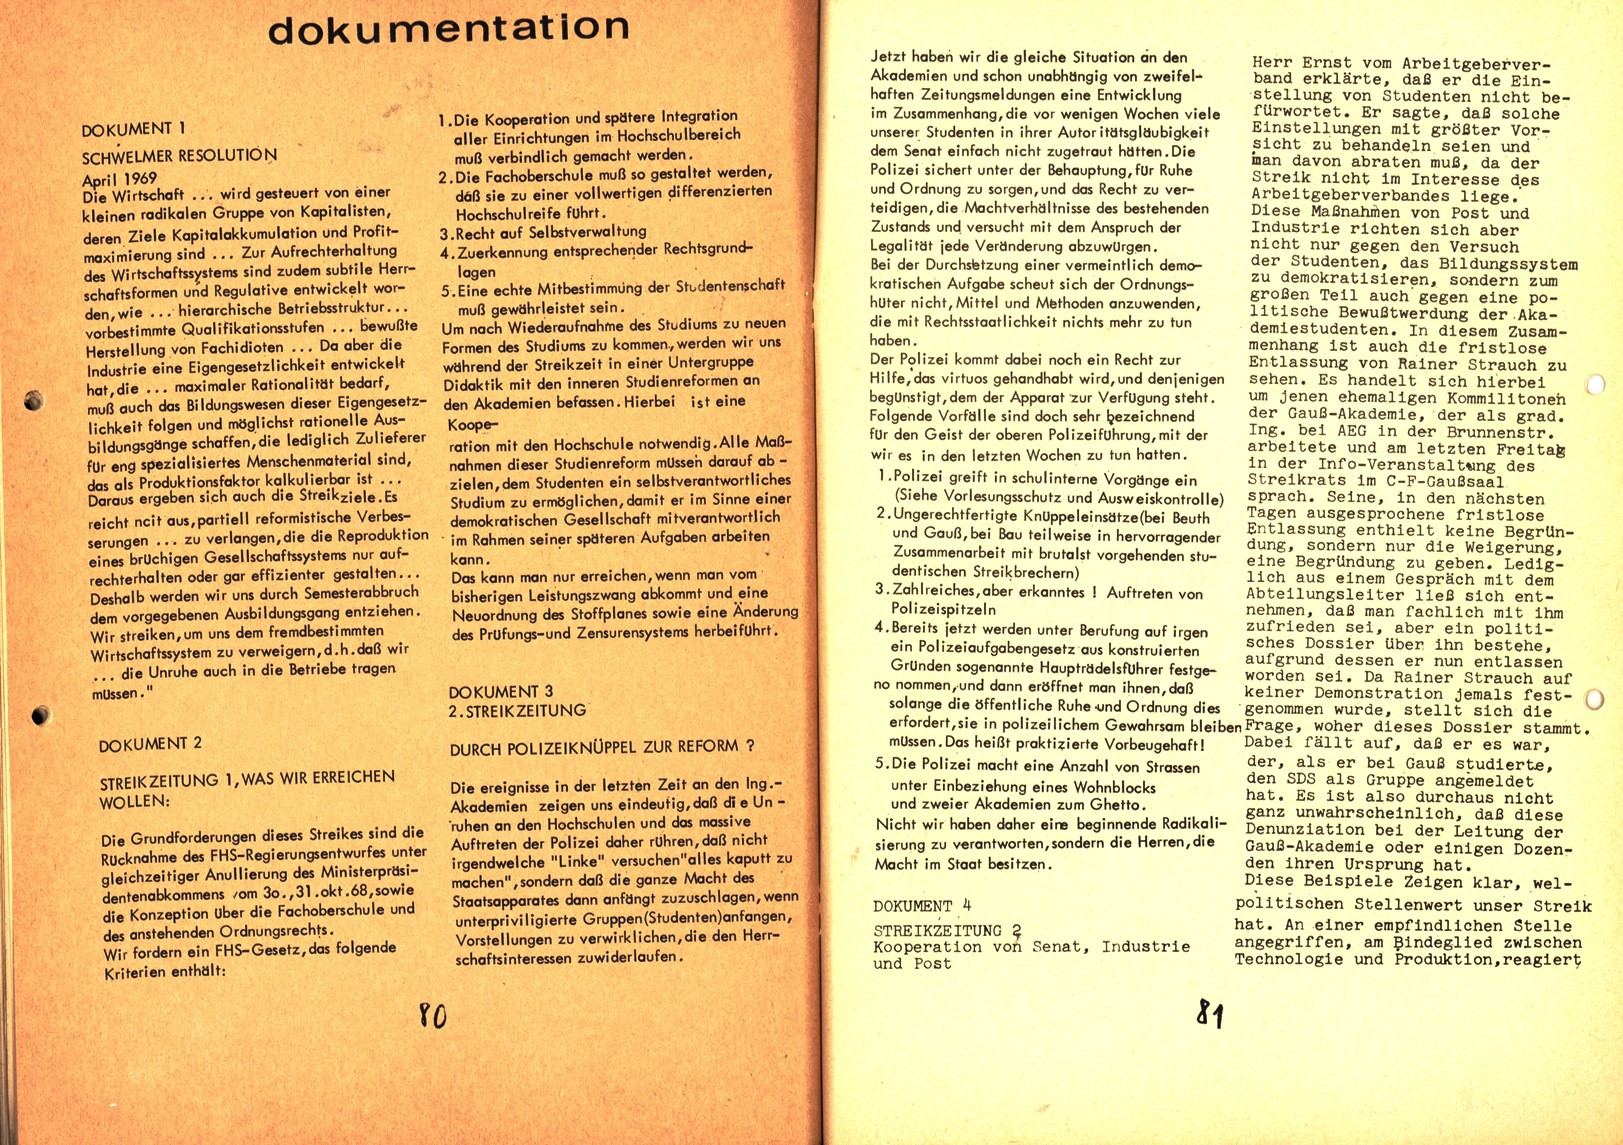 Berlin_Rotzing_1971_Kampfbericht_41